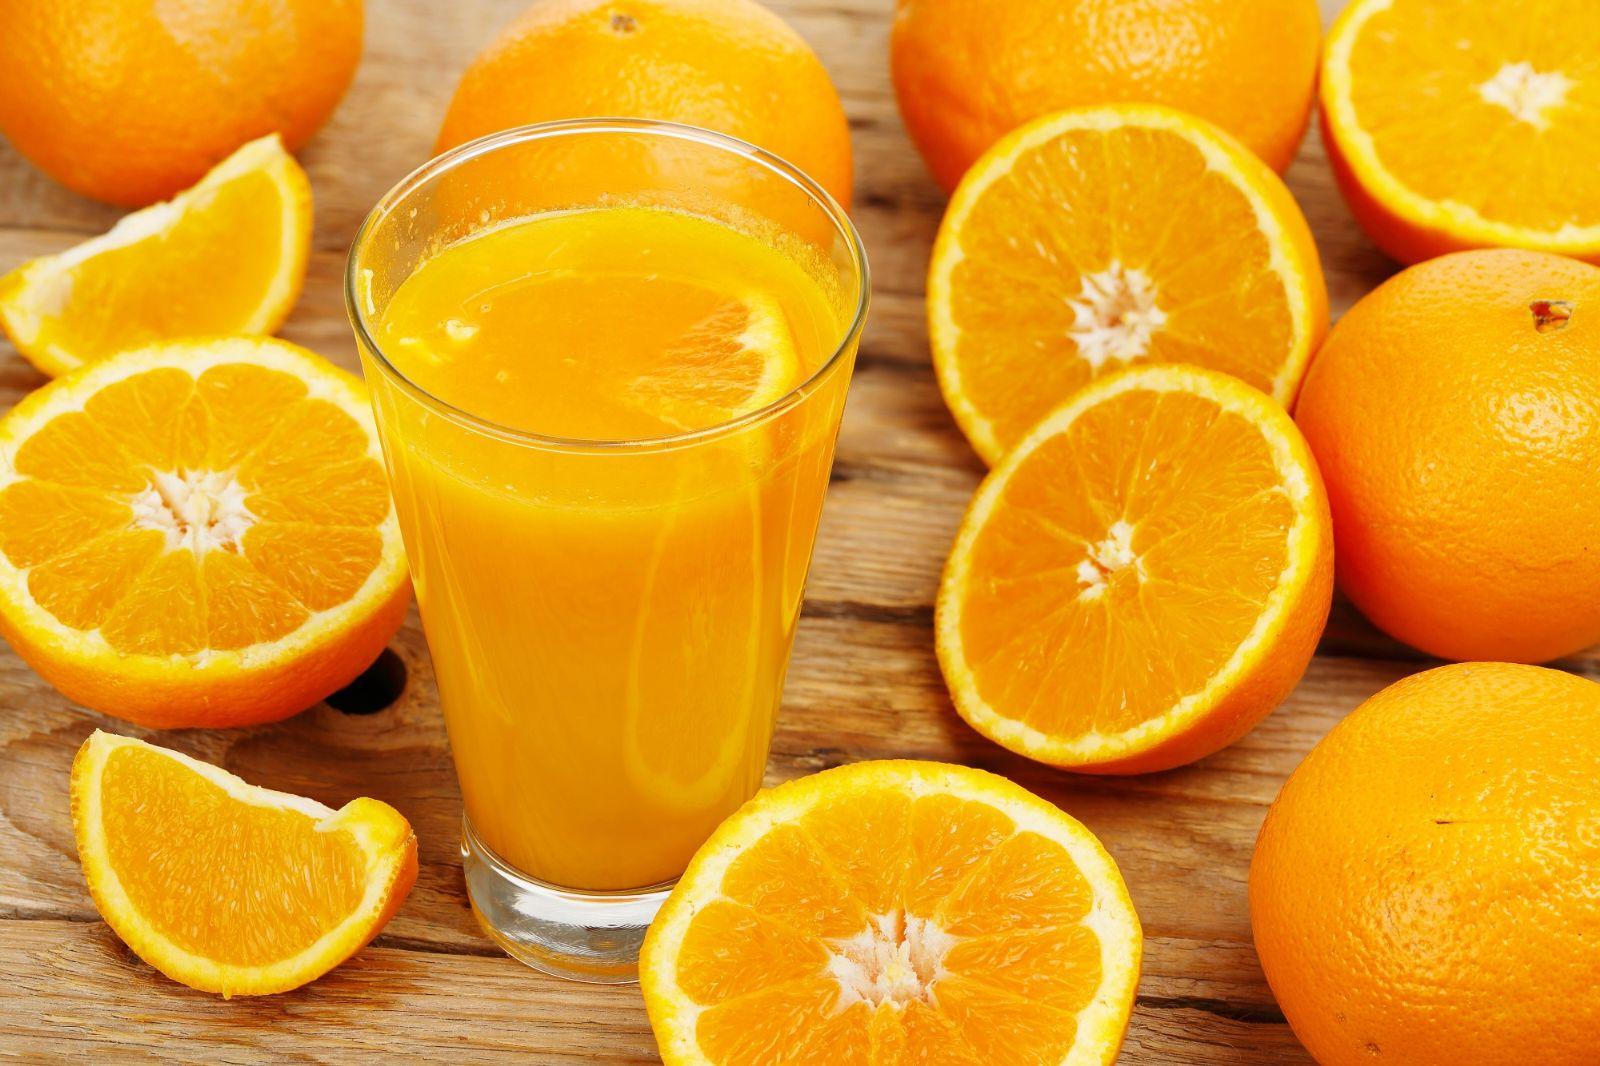 Đặt một quả cam trên đầu giường rồi đi ngủ, bạn sẽ bất ngờ về tác dụng mà nó mang lại - Ảnh 3